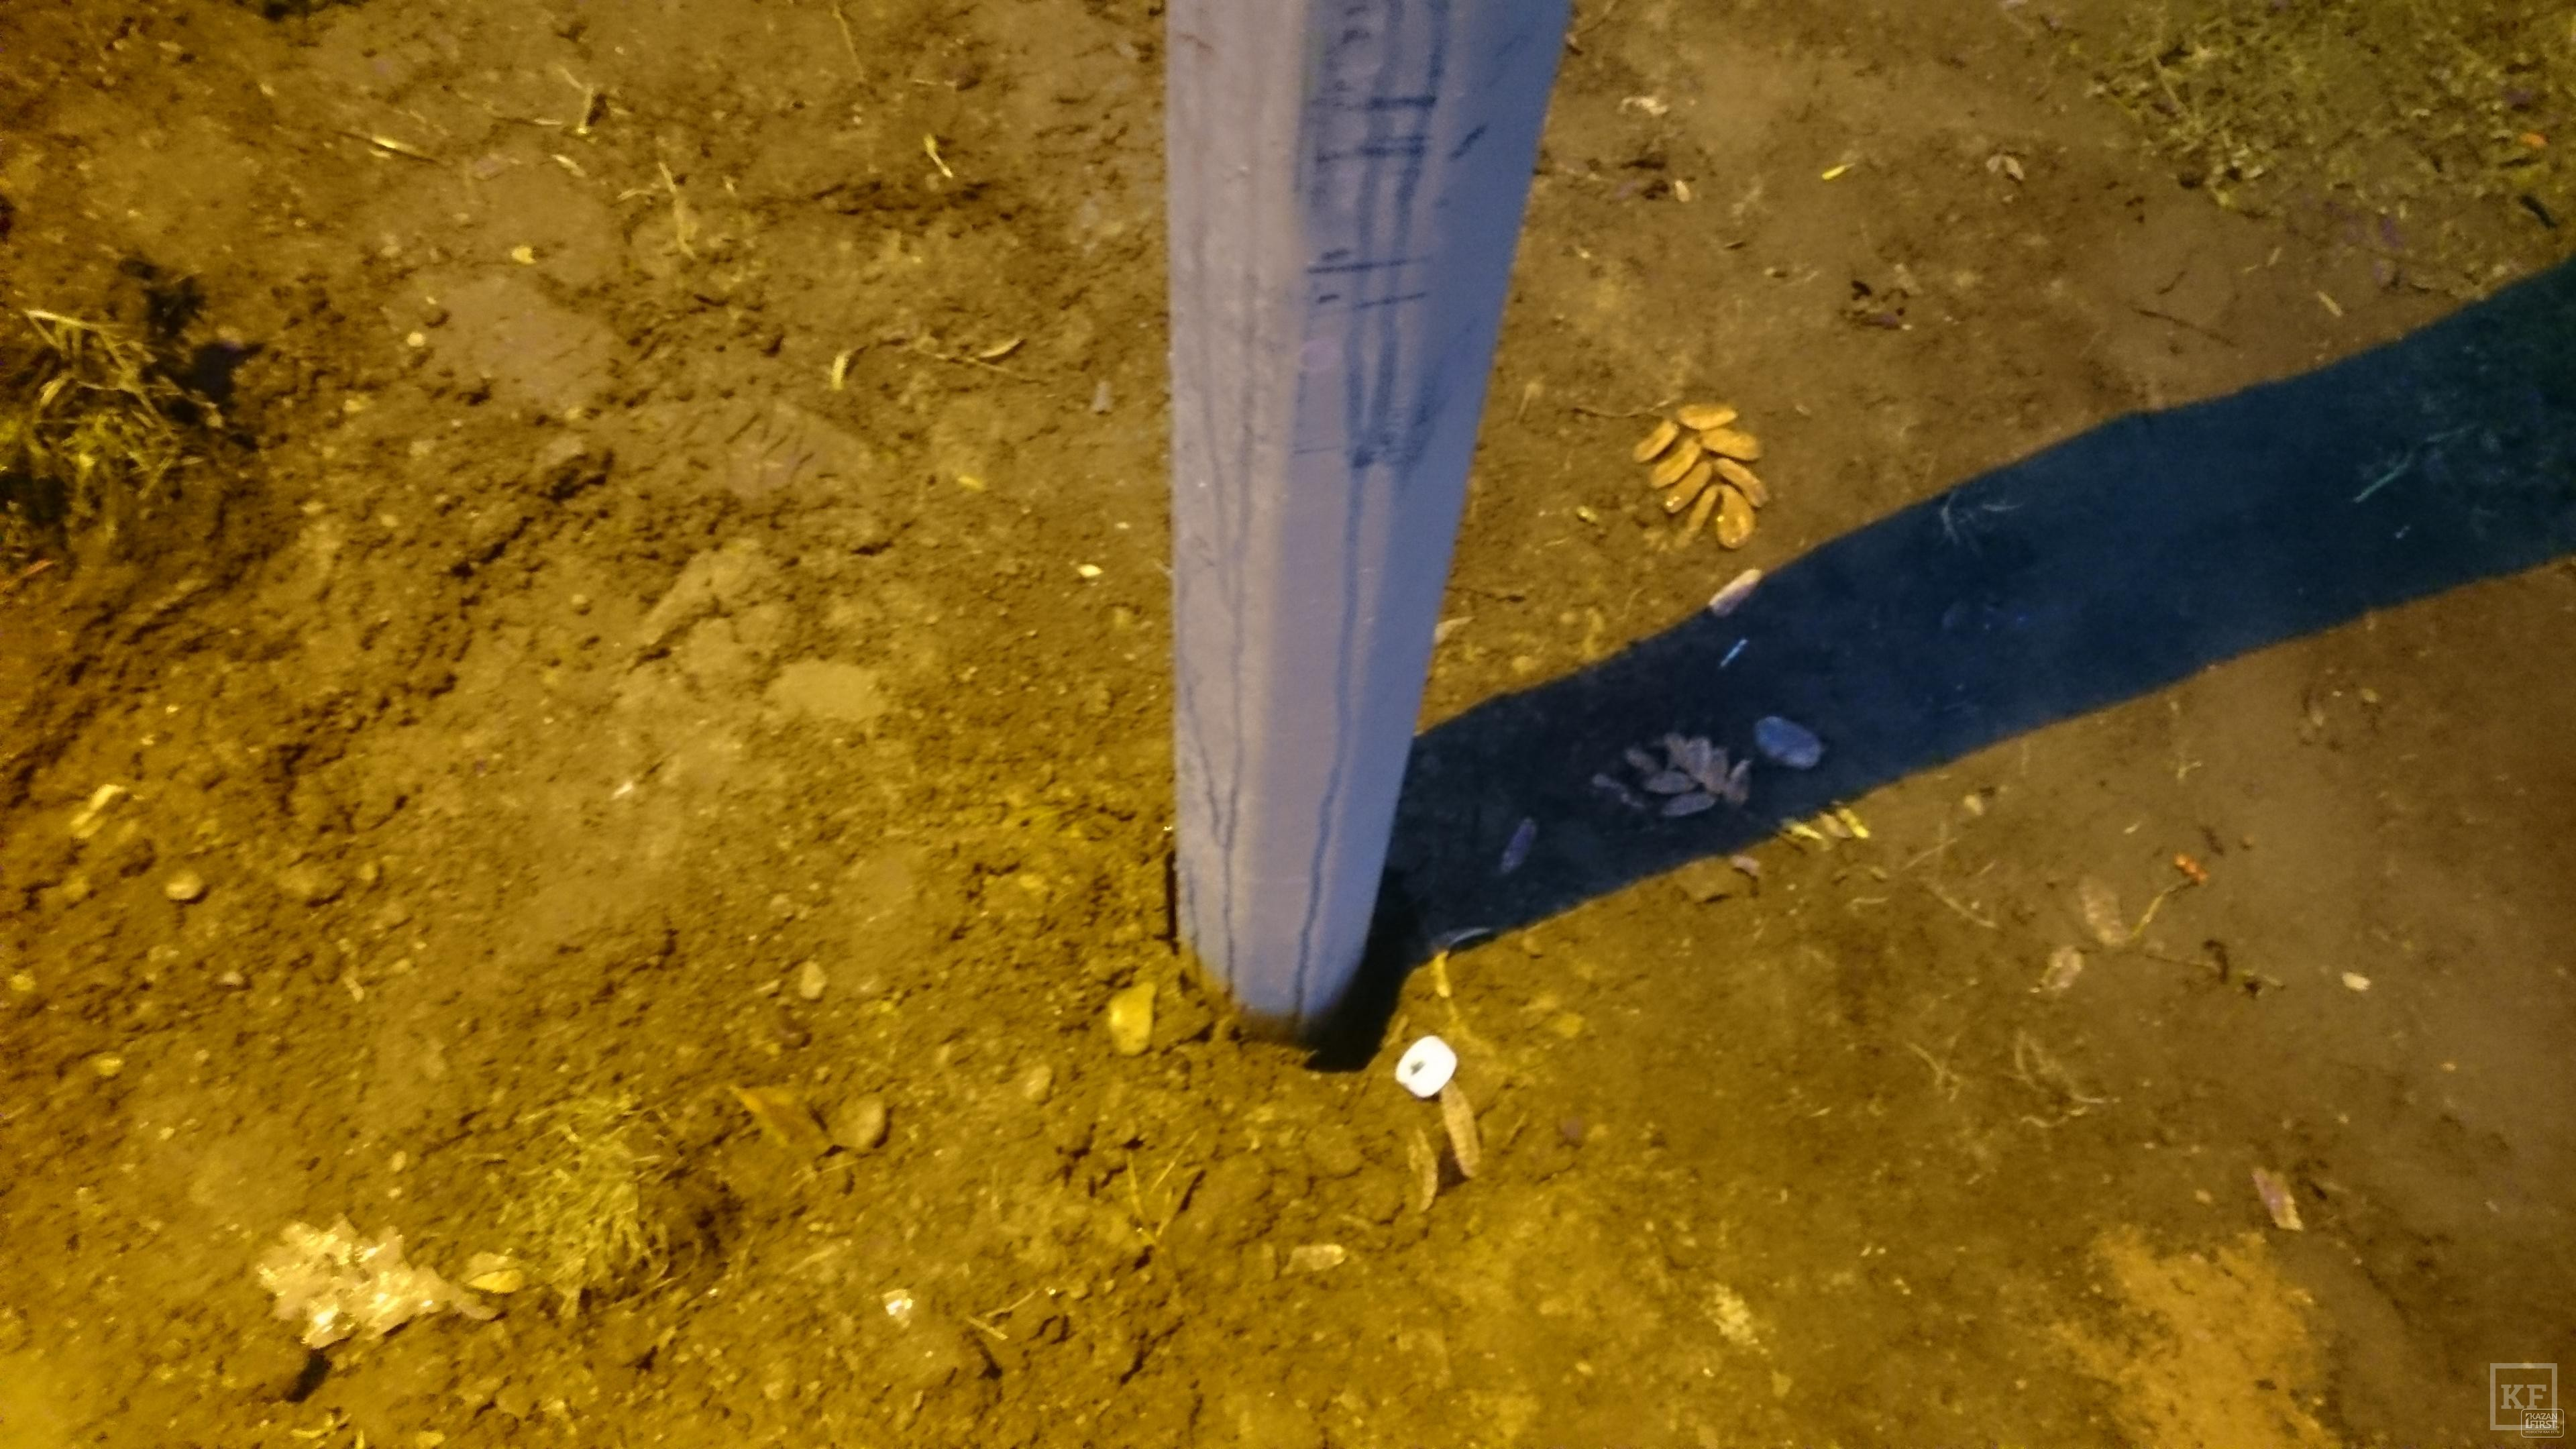 Новые фонари в реконструированном парке Победы в Челнах шатаются от малейшего порыва ветра и грозят упасть прямо на головы прохожим